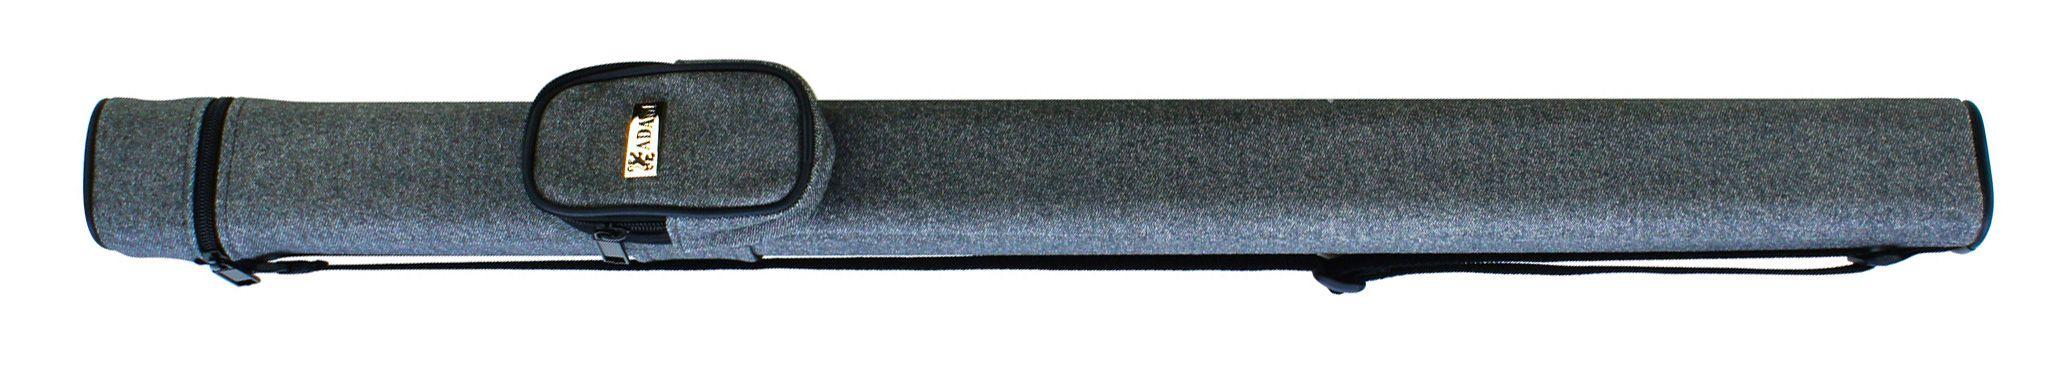 キューケース アダム om-12gj グレージーンズ (バット1本シャフト2本収納) 商品画像